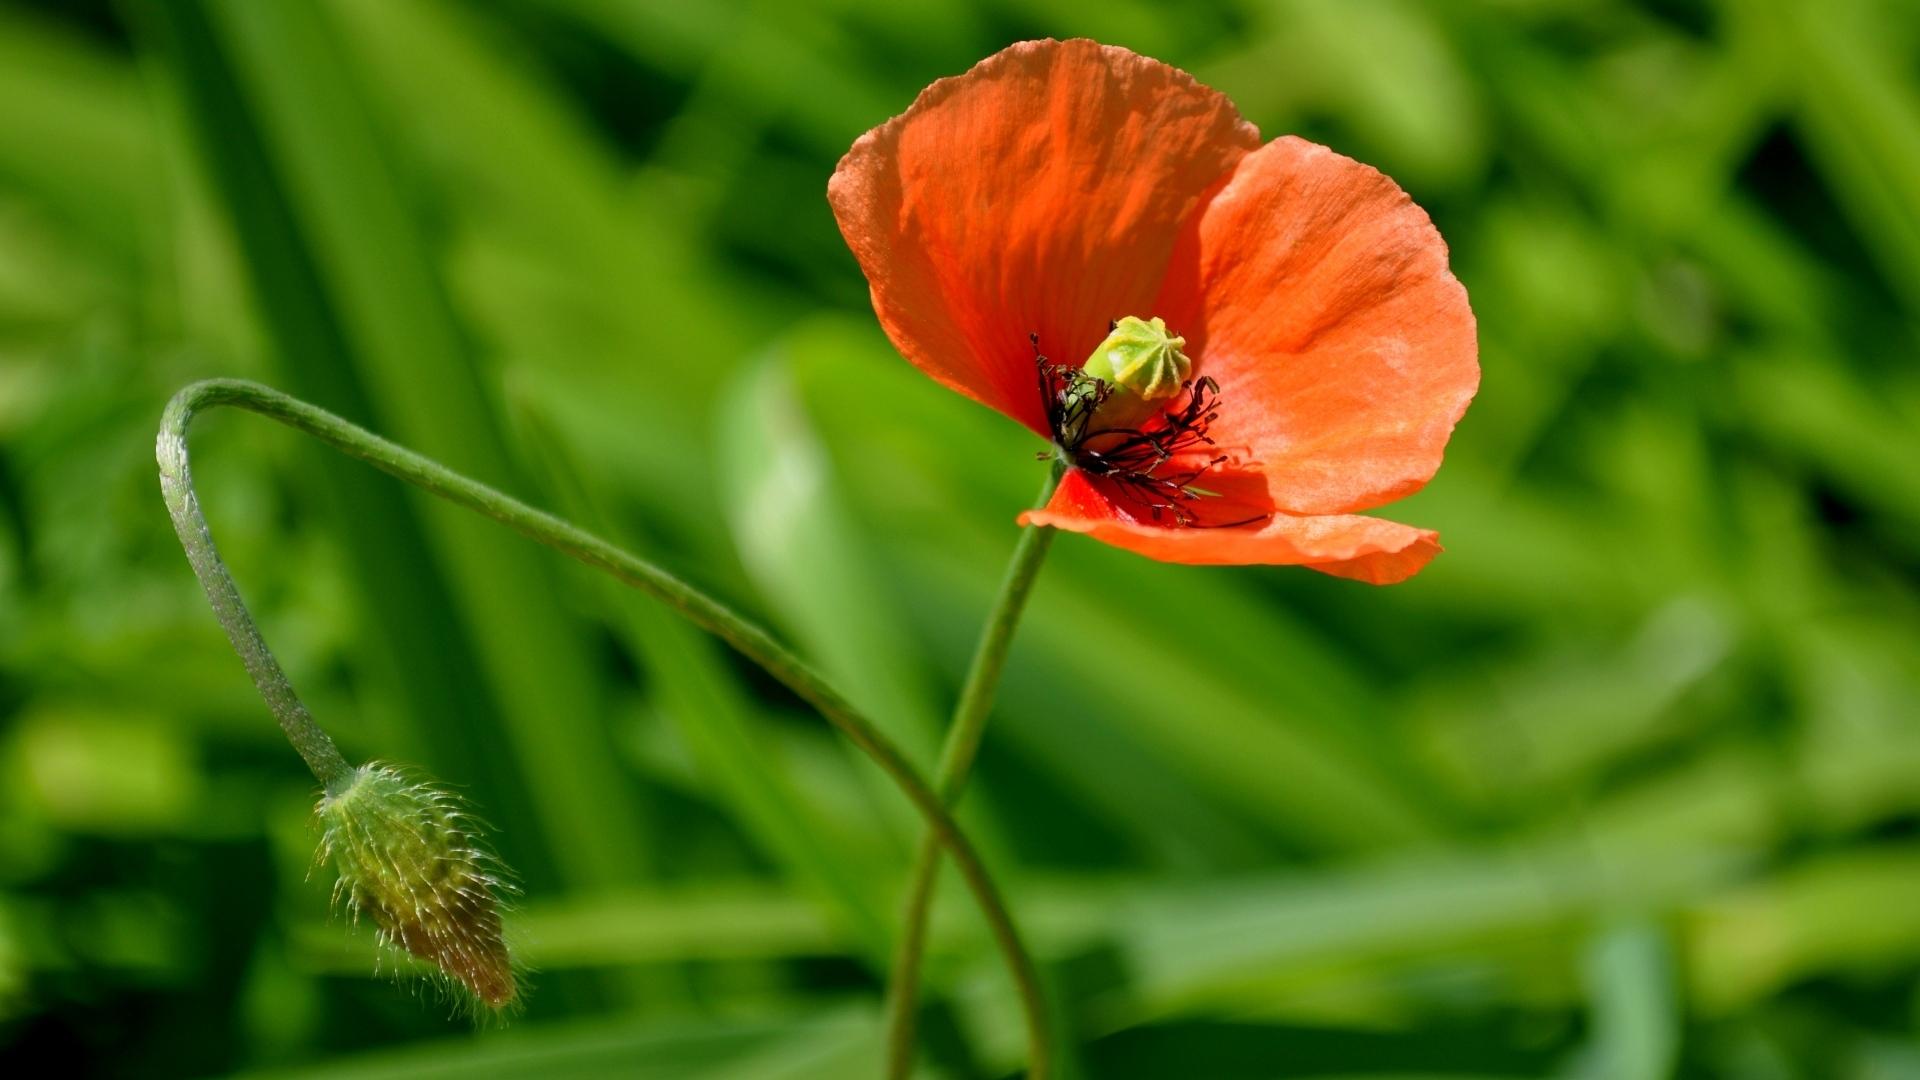 Download Wallpaper 1920x1080 Poppy Flower Bright Fresh Herbs Full